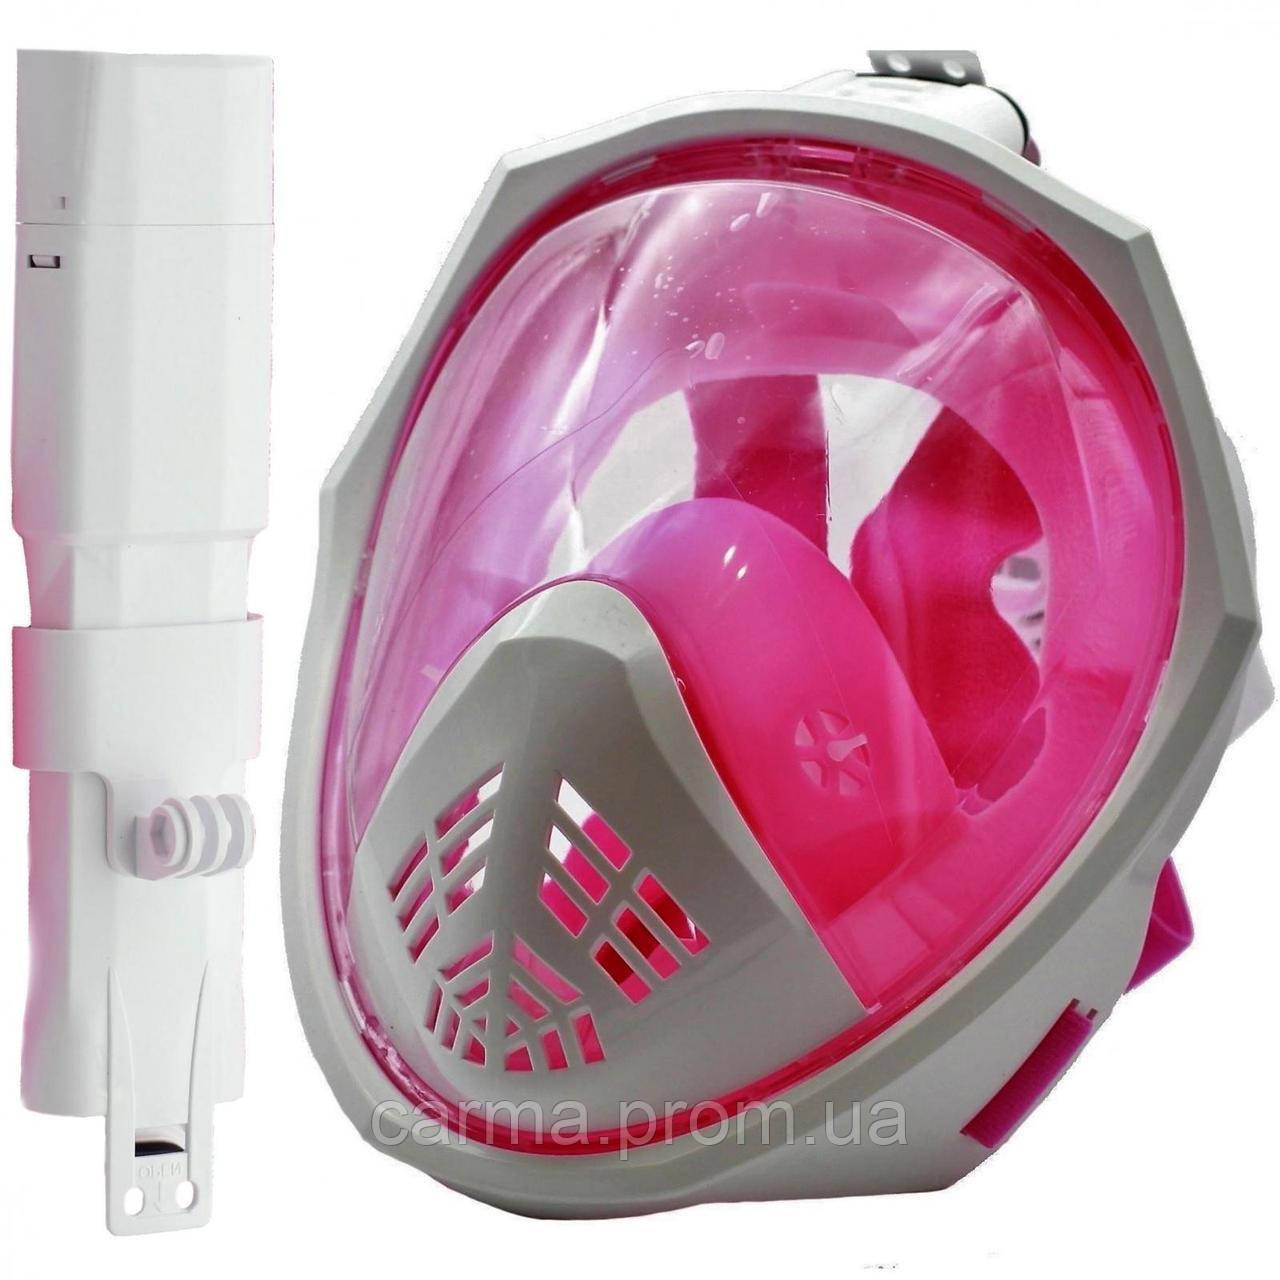 Маска для подводного плавания, для снорклинга панорамная Easybreath с креплением для камеры Розовая